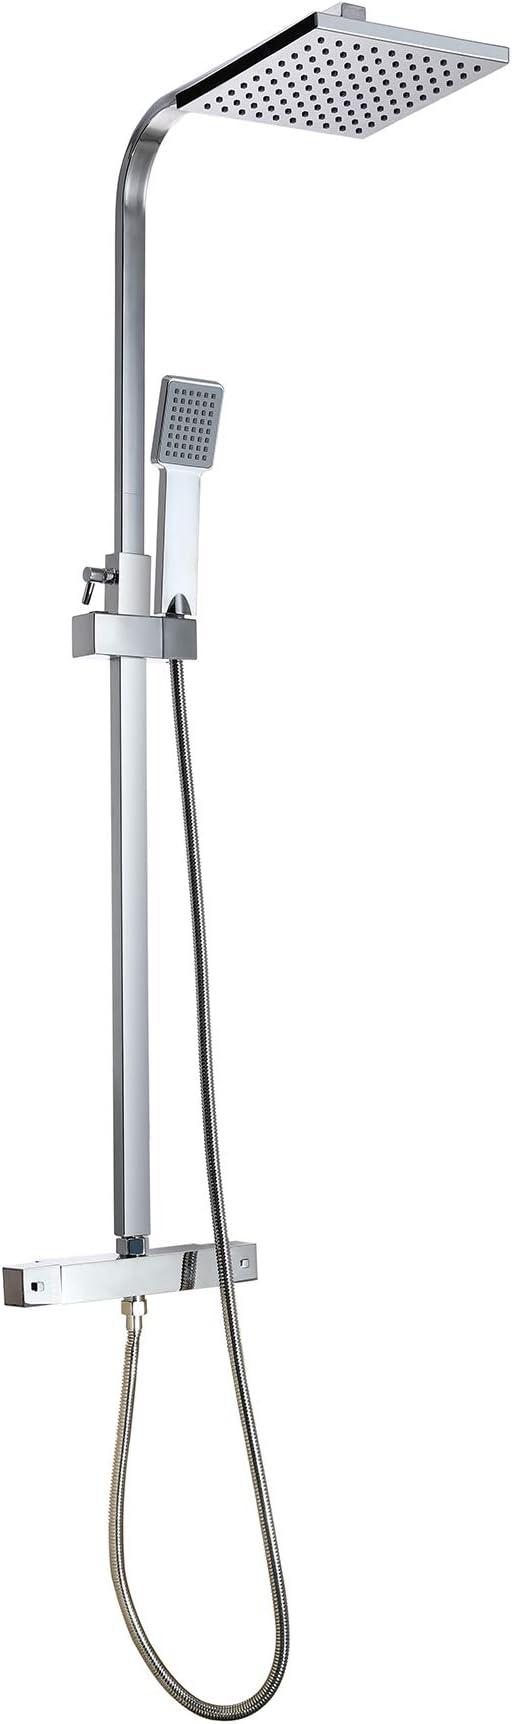 Sfeomi 200mm Columna de Ducha Termostático Panel Termostático ...